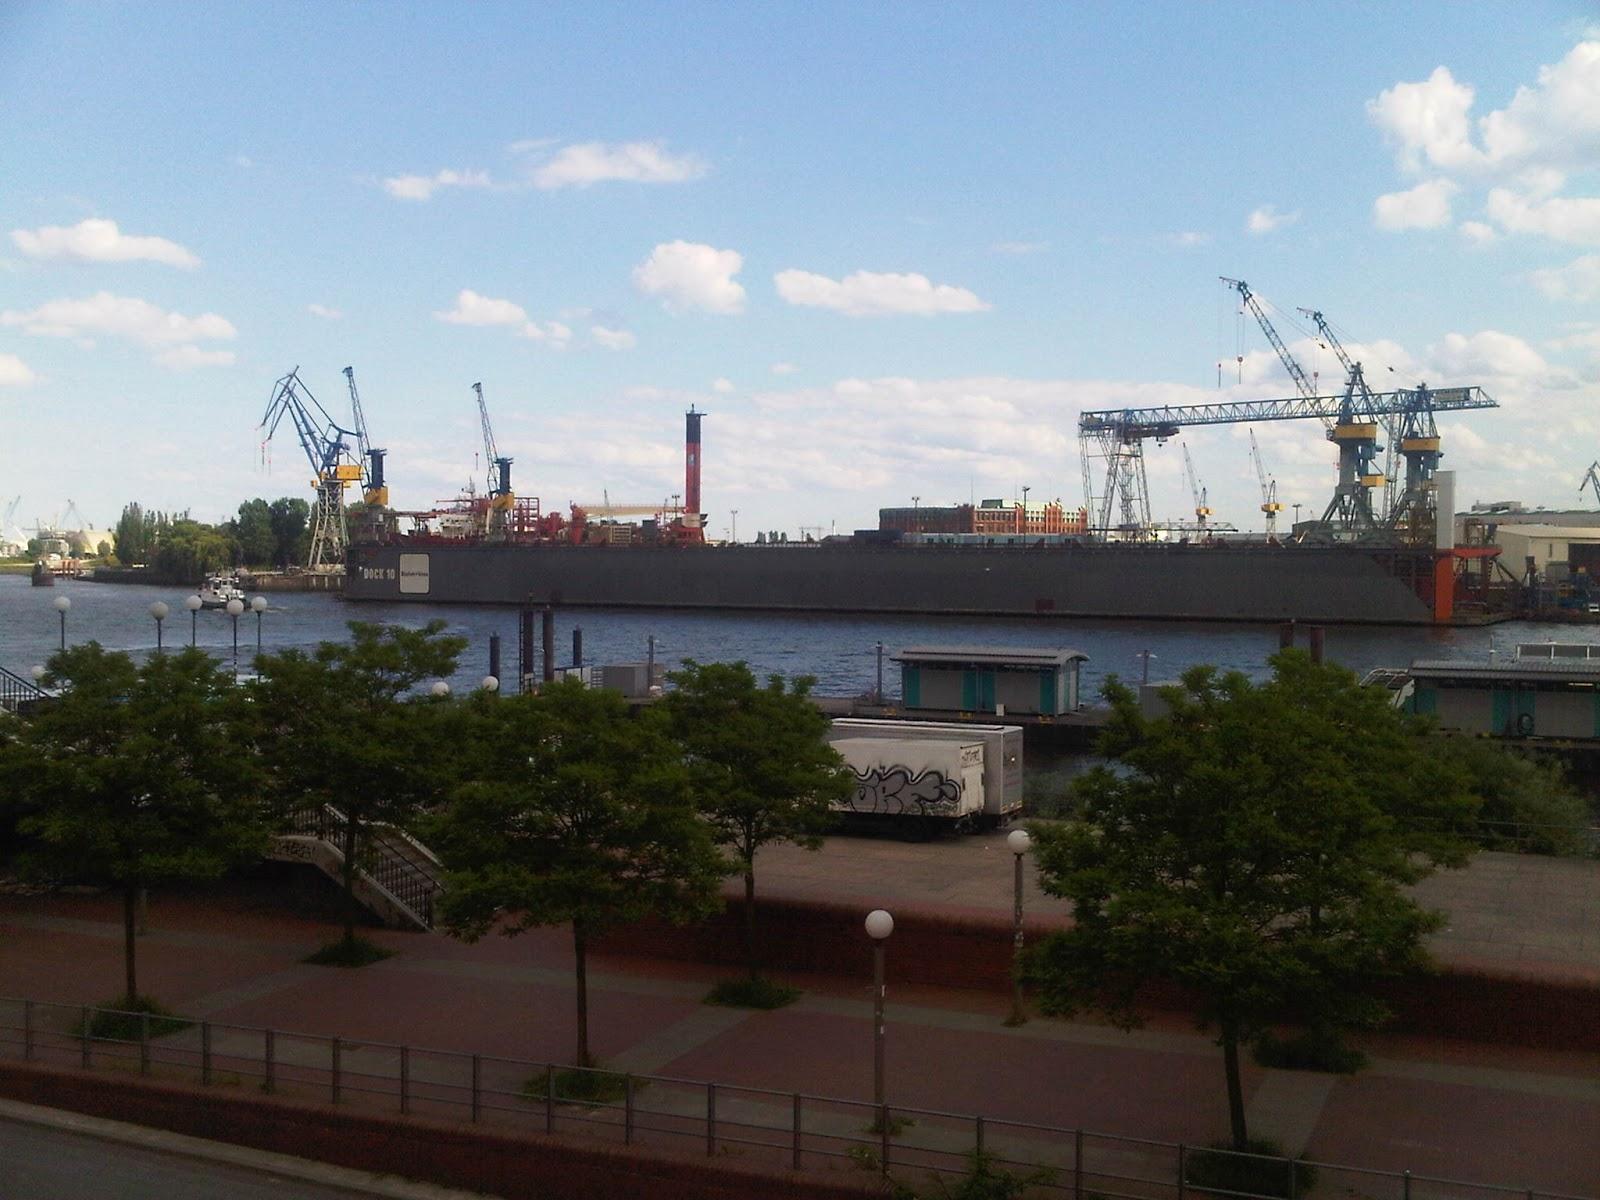 Blick leicht elbaufwärts auf das Dock 10 vom Blohm und Voss. Hafenstraße, Brücke, Wolken, blauer Himmel. Kräne.